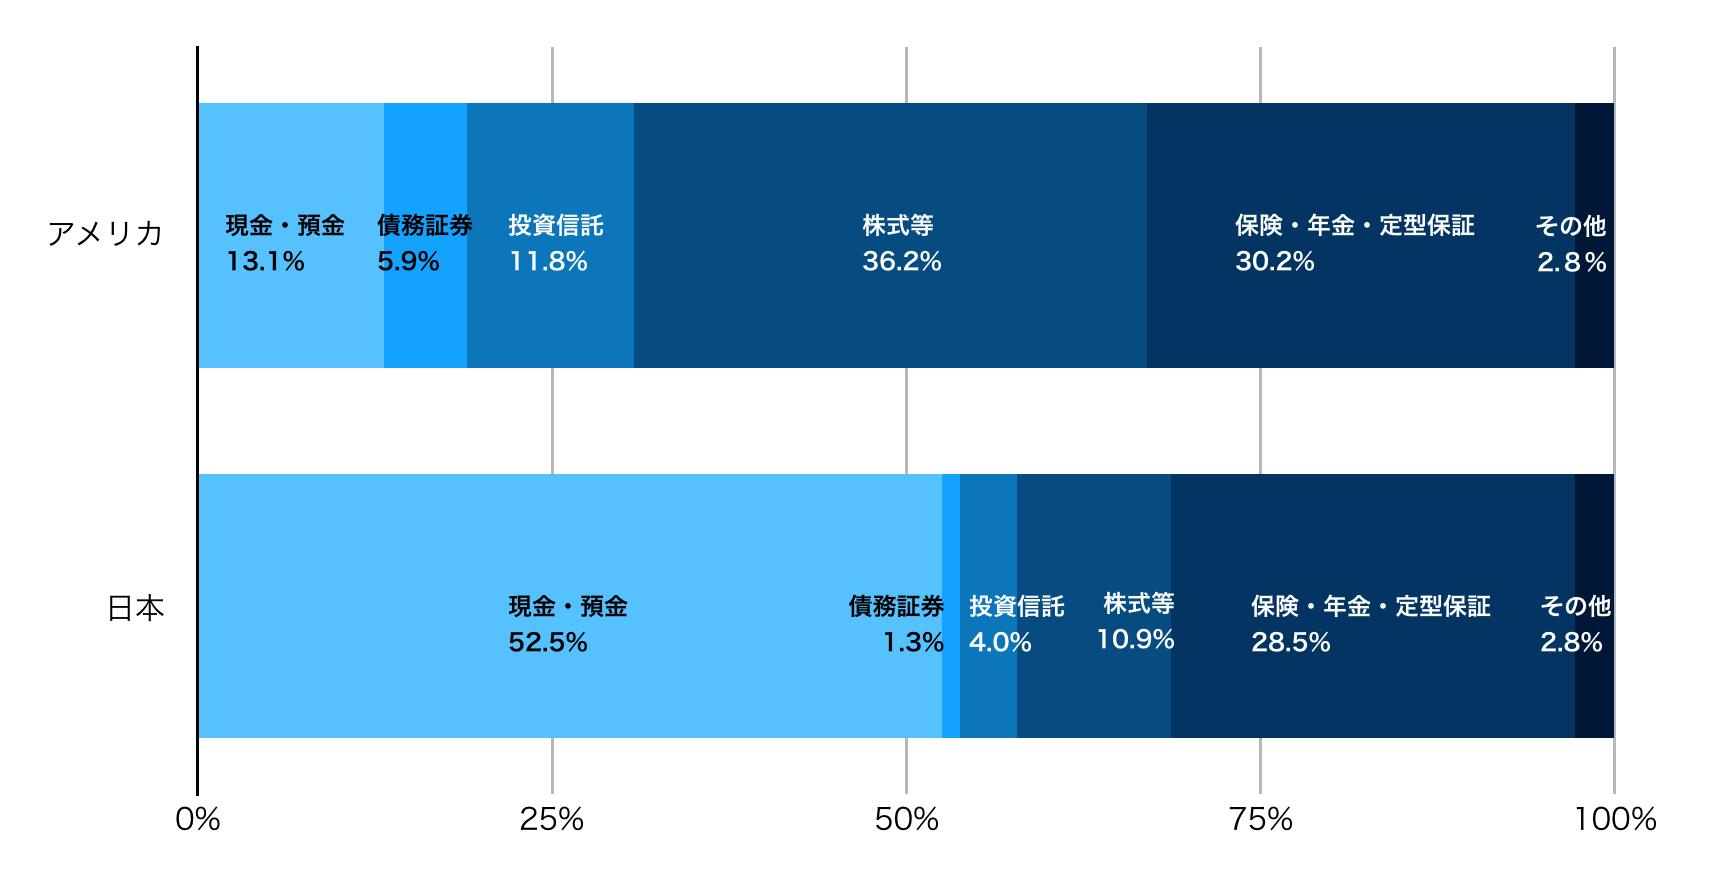 アメリカと日本の資産形成の比較